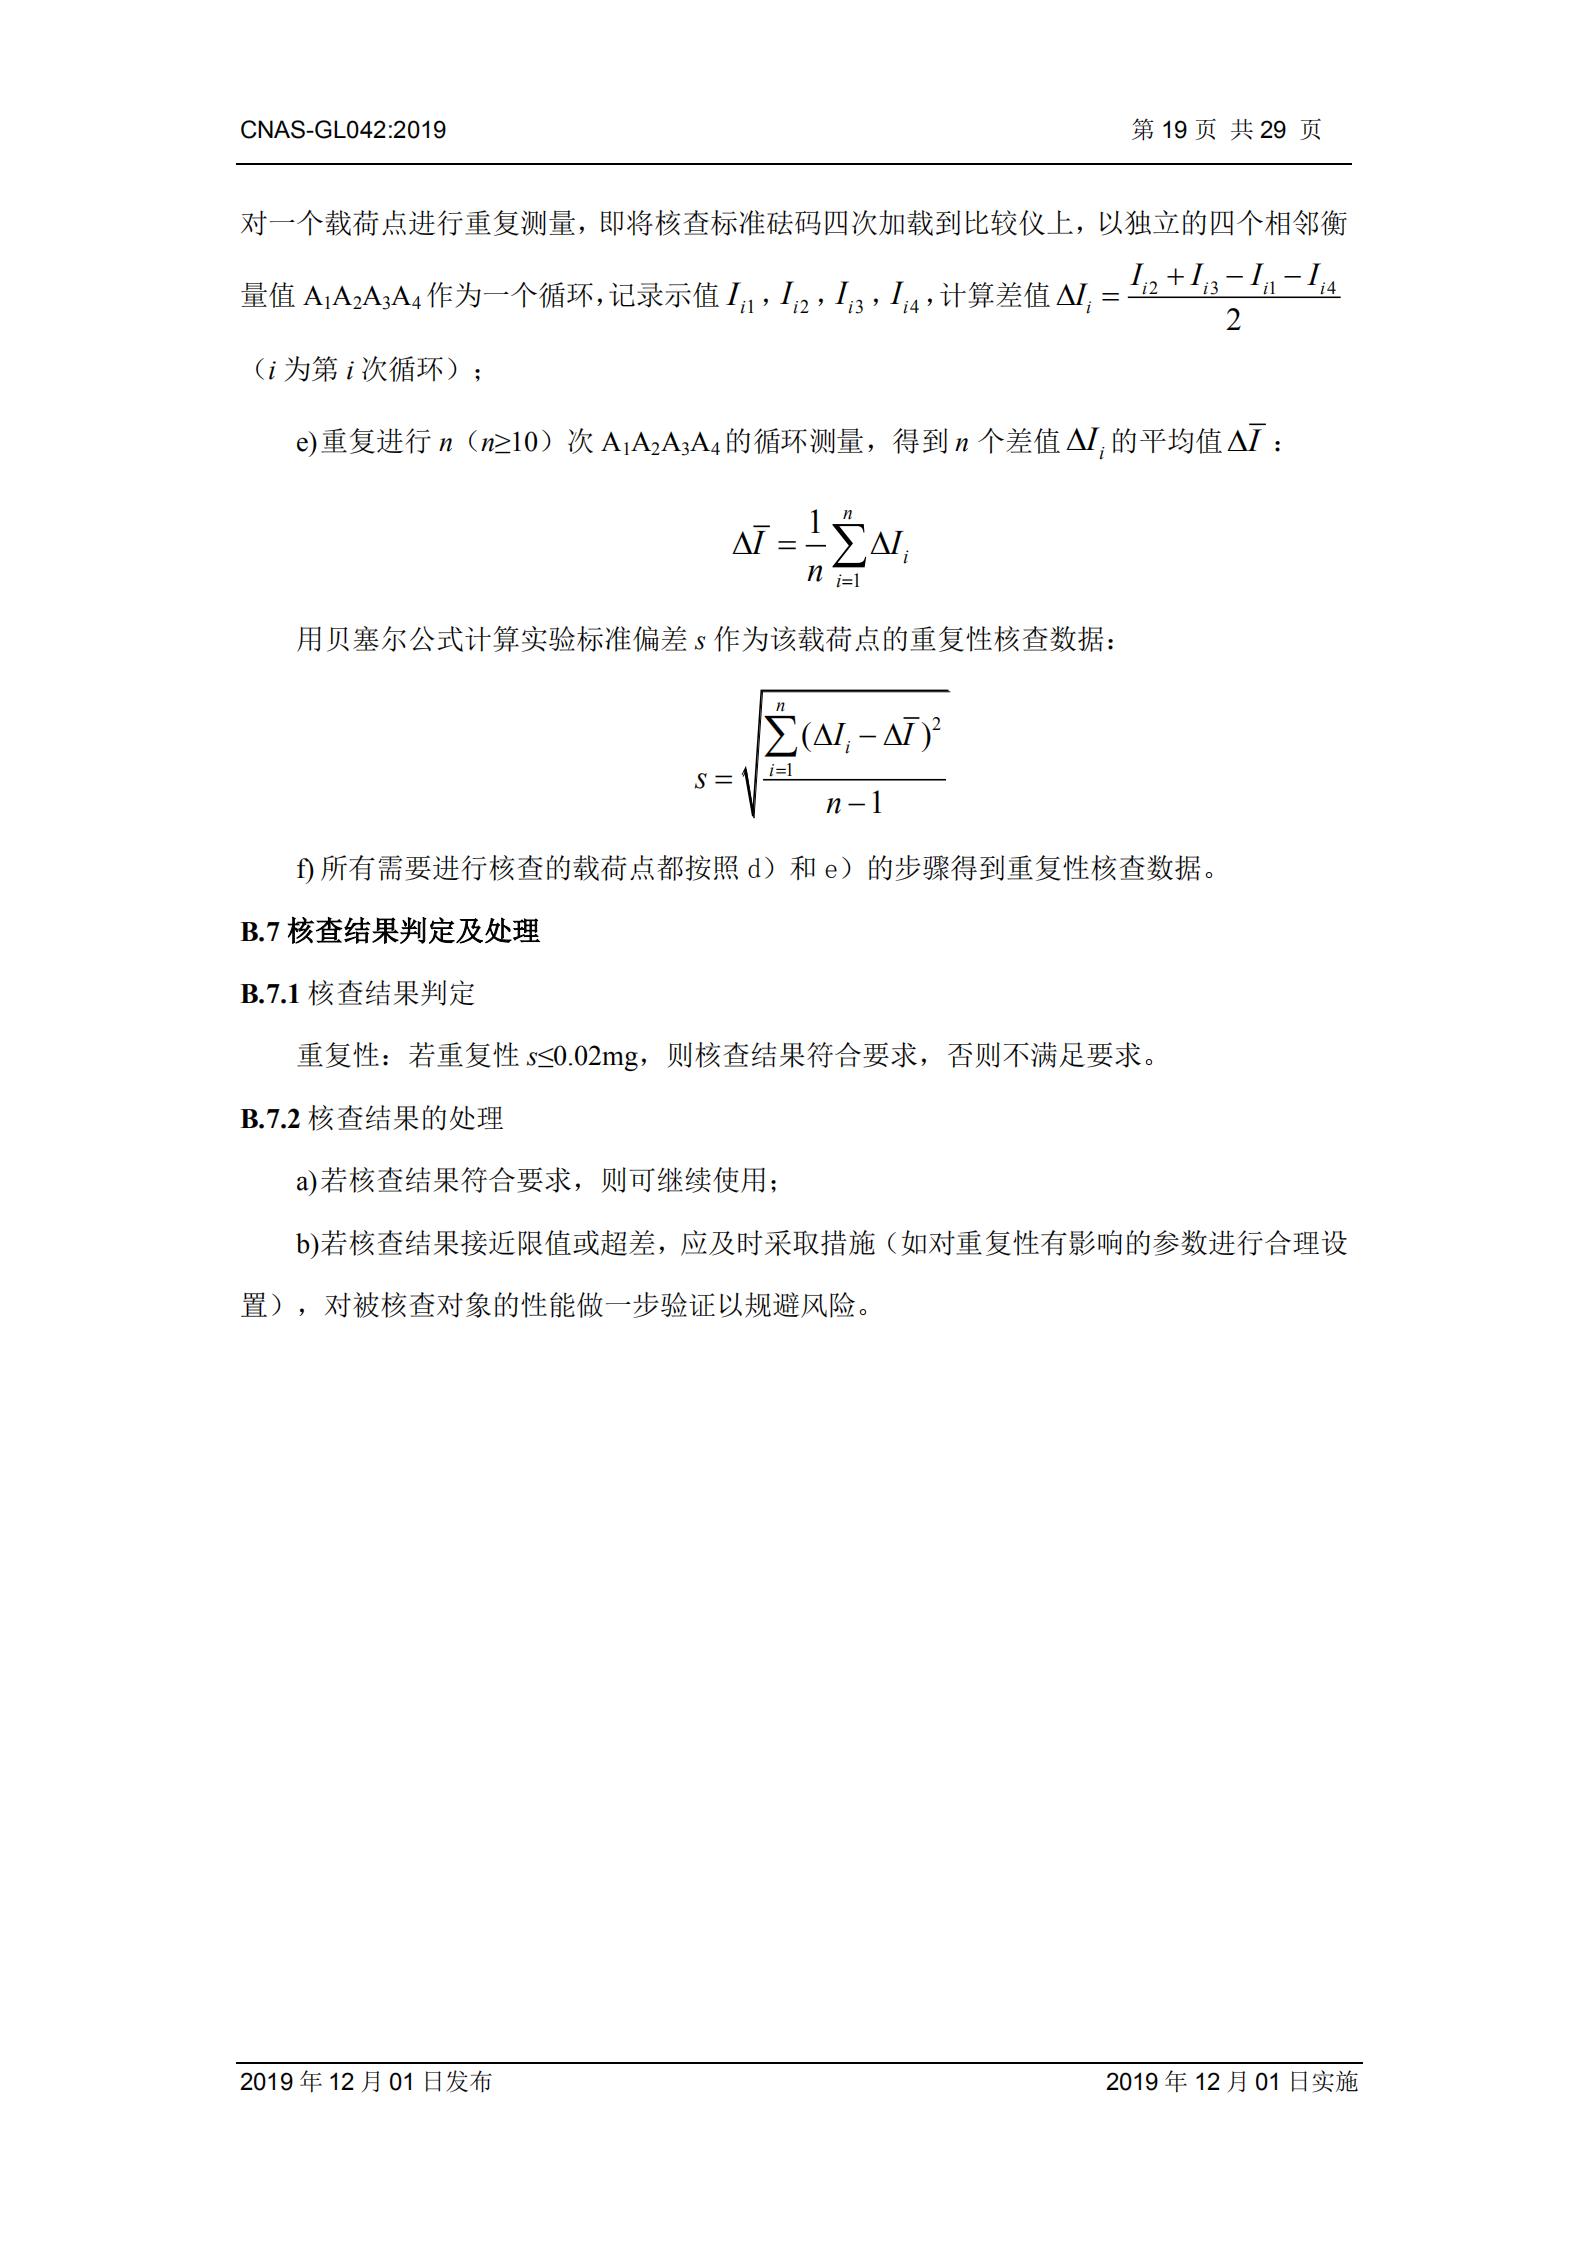 CNAS-GL042:2019《测量设备期间核查的方法指南》_19.png